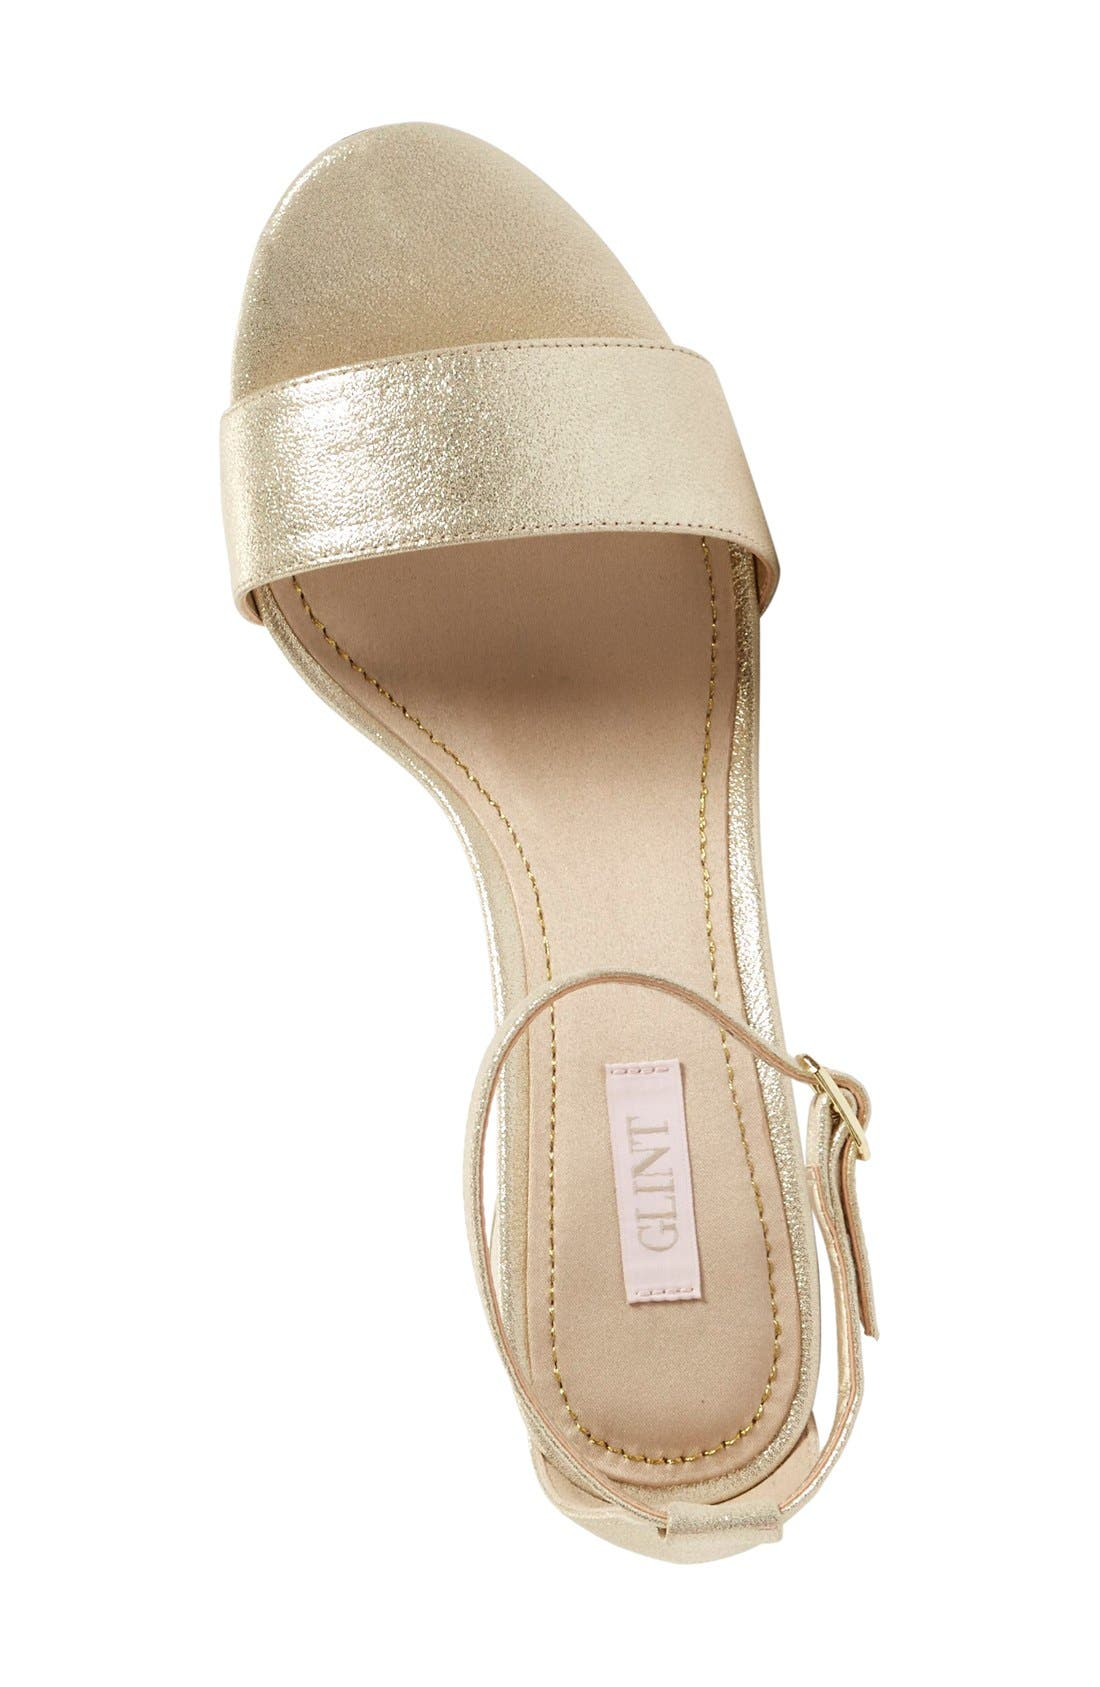 'Lana' Block Heel Ankle Strap Sandal,                             Alternate thumbnail 3, color,                             Platino Metallic Suede